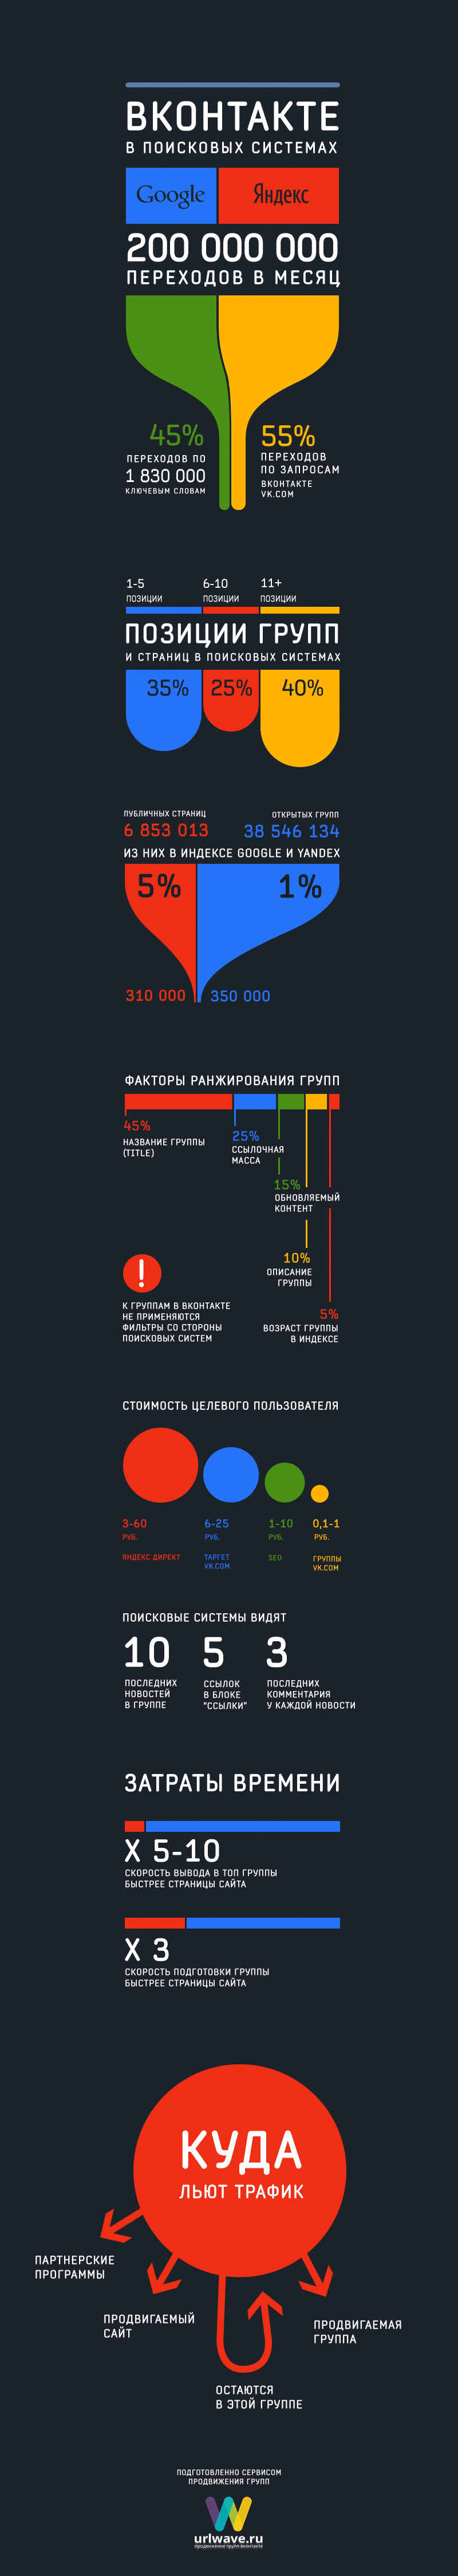 Vk инфографика